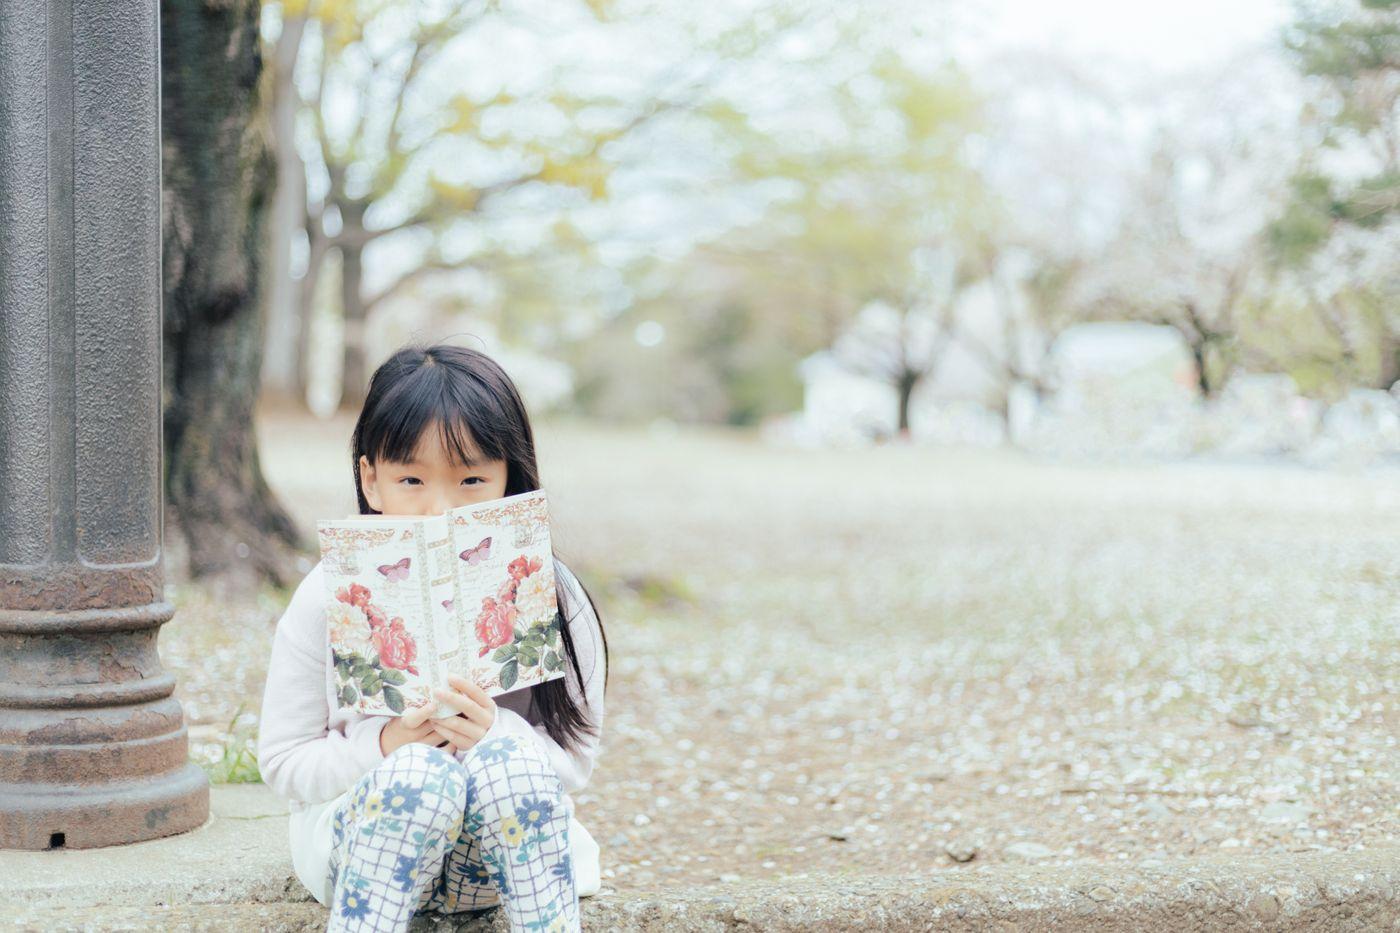 公園で洋書を読む女の子の写真